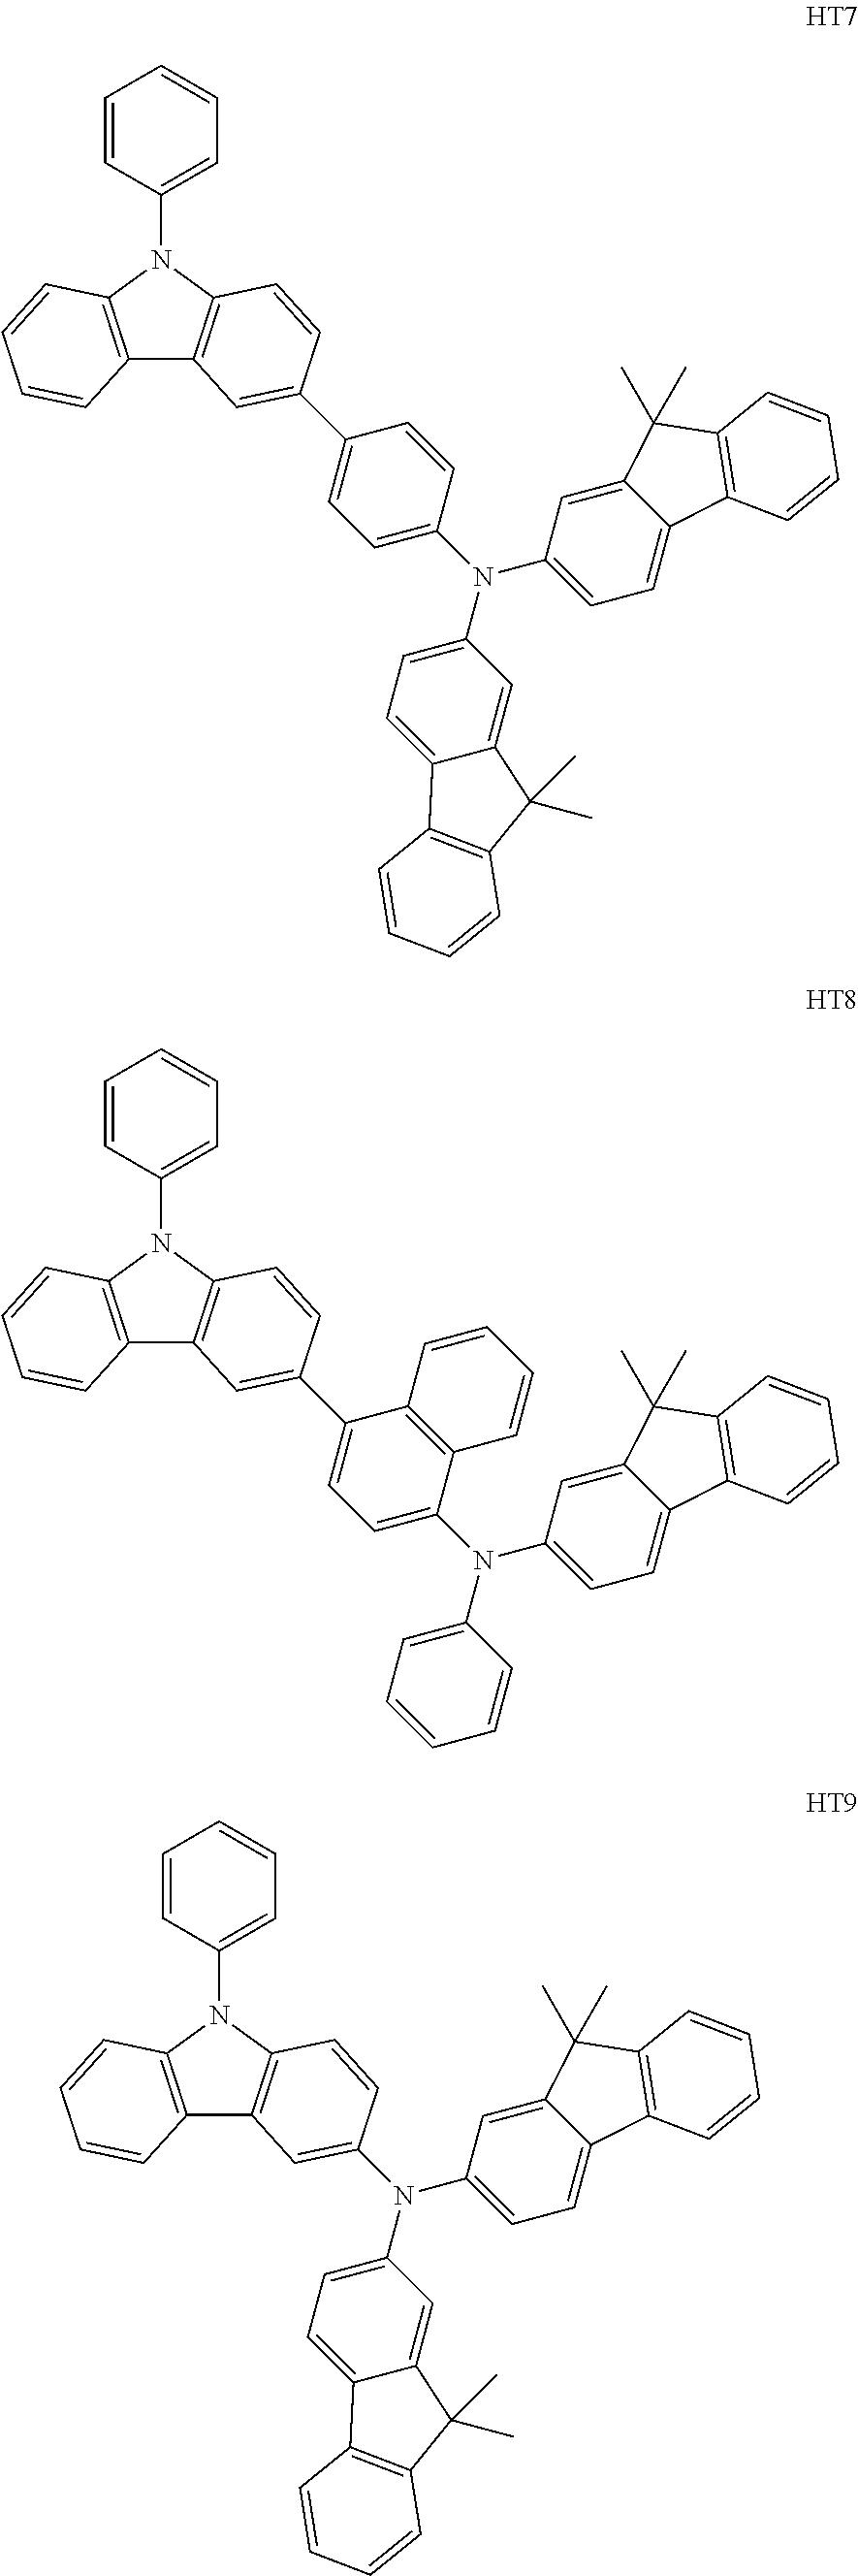 Figure US20160155962A1-20160602-C00222